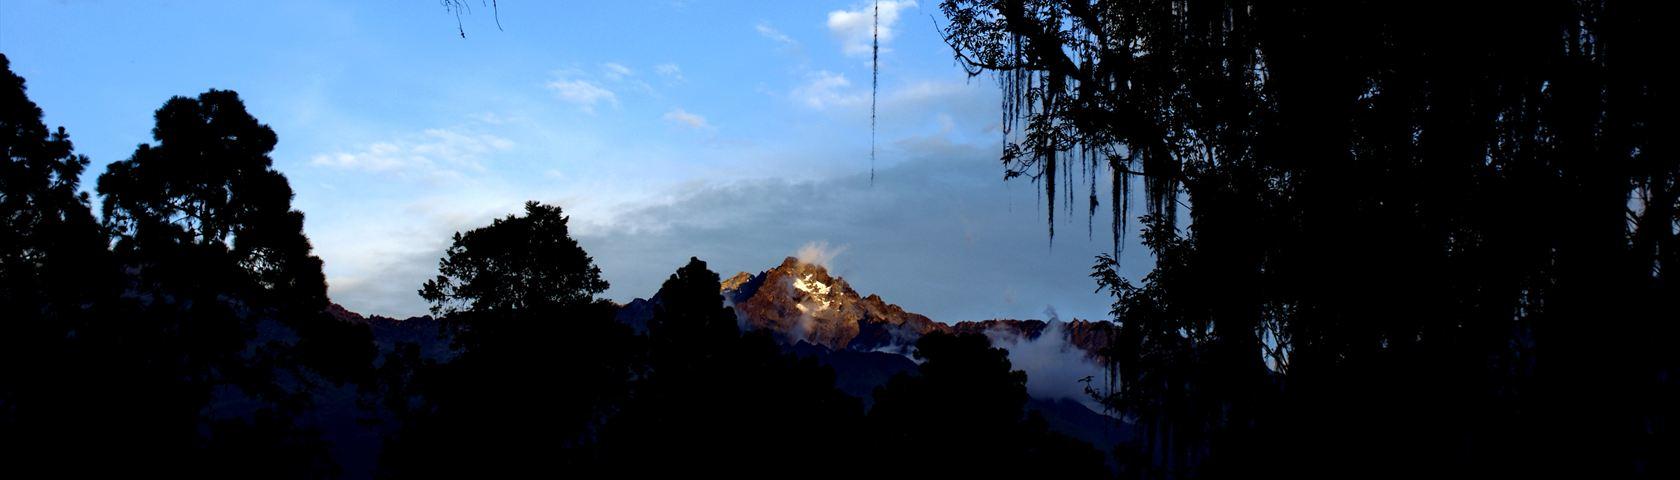 Bolivar Peak